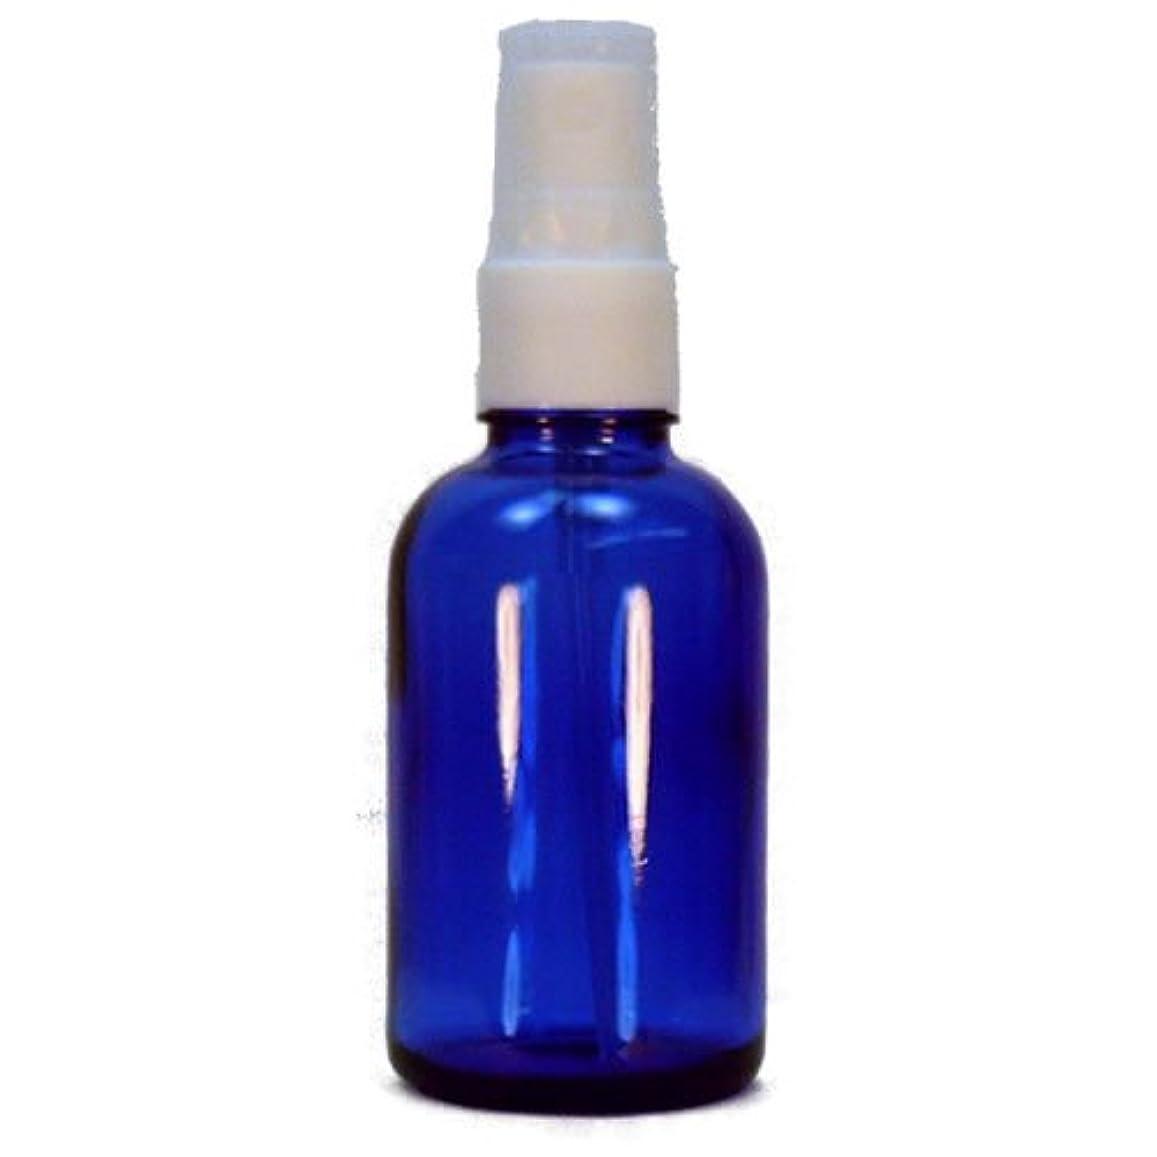 式桃承認スプレーボトル ブルー 30ml 6本セット